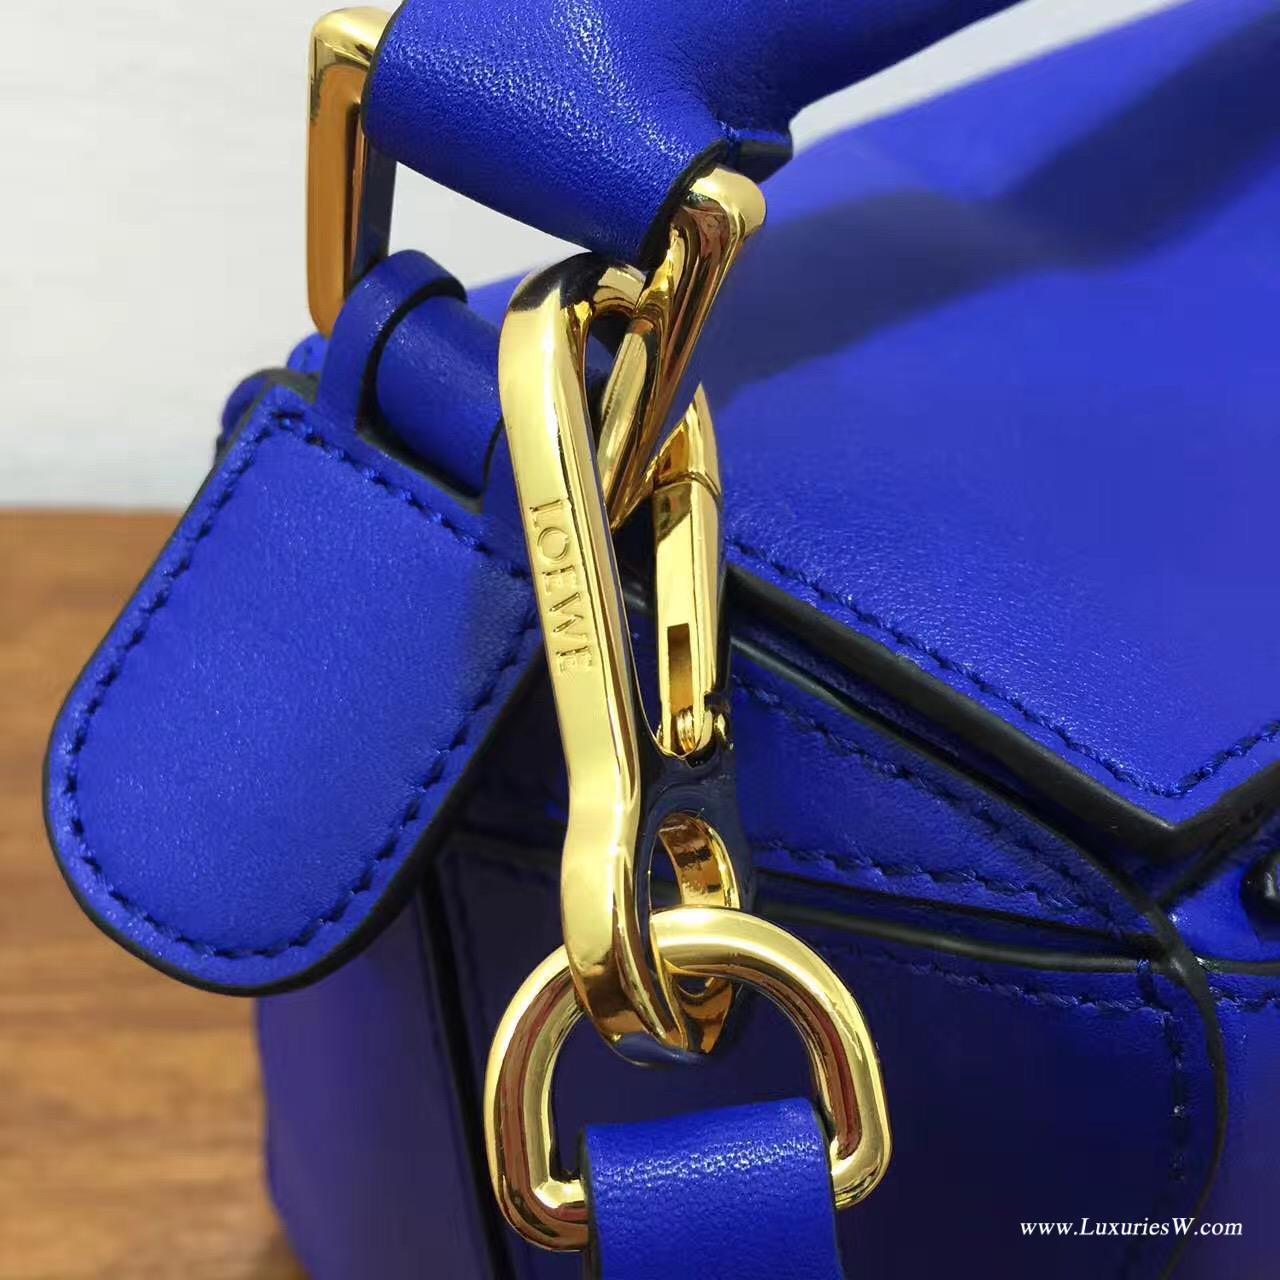 羅意威LOEWE 中號 Puzzle Bag 电光蓝色 30cm折疊單肩手提幾何包